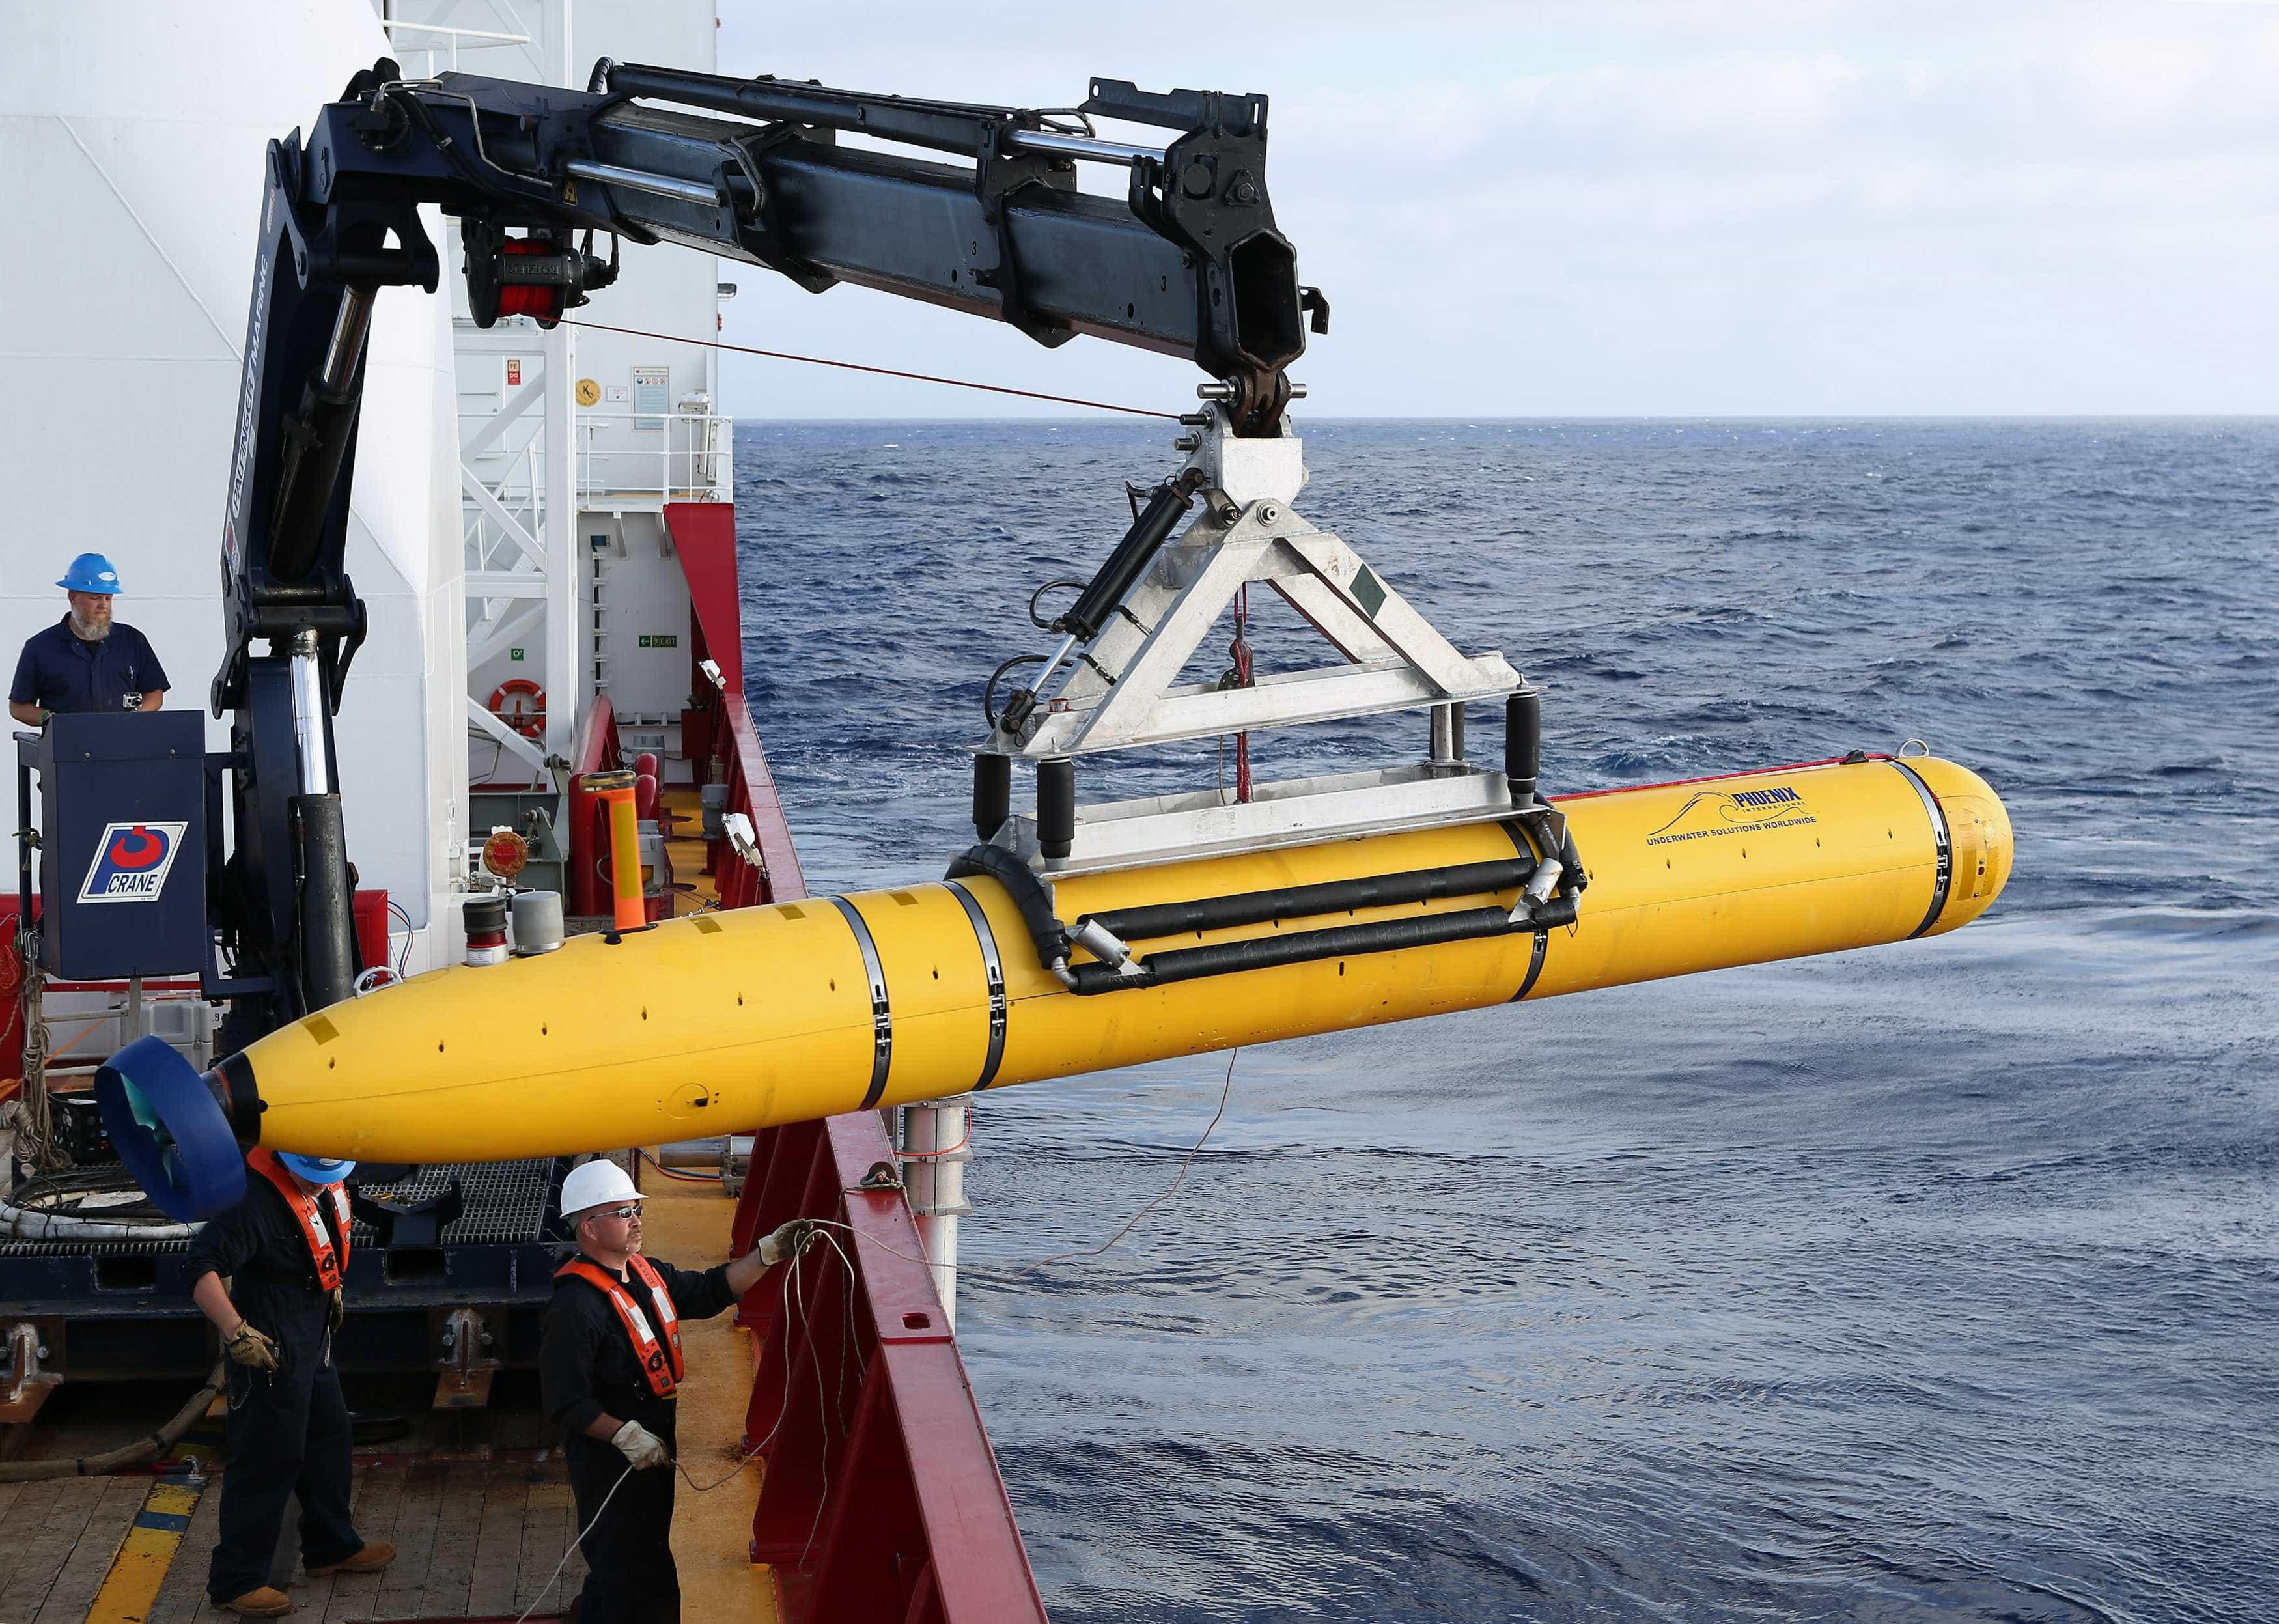 Drone submarino atinge 8.213 m de profundidade no oceano Pacífico